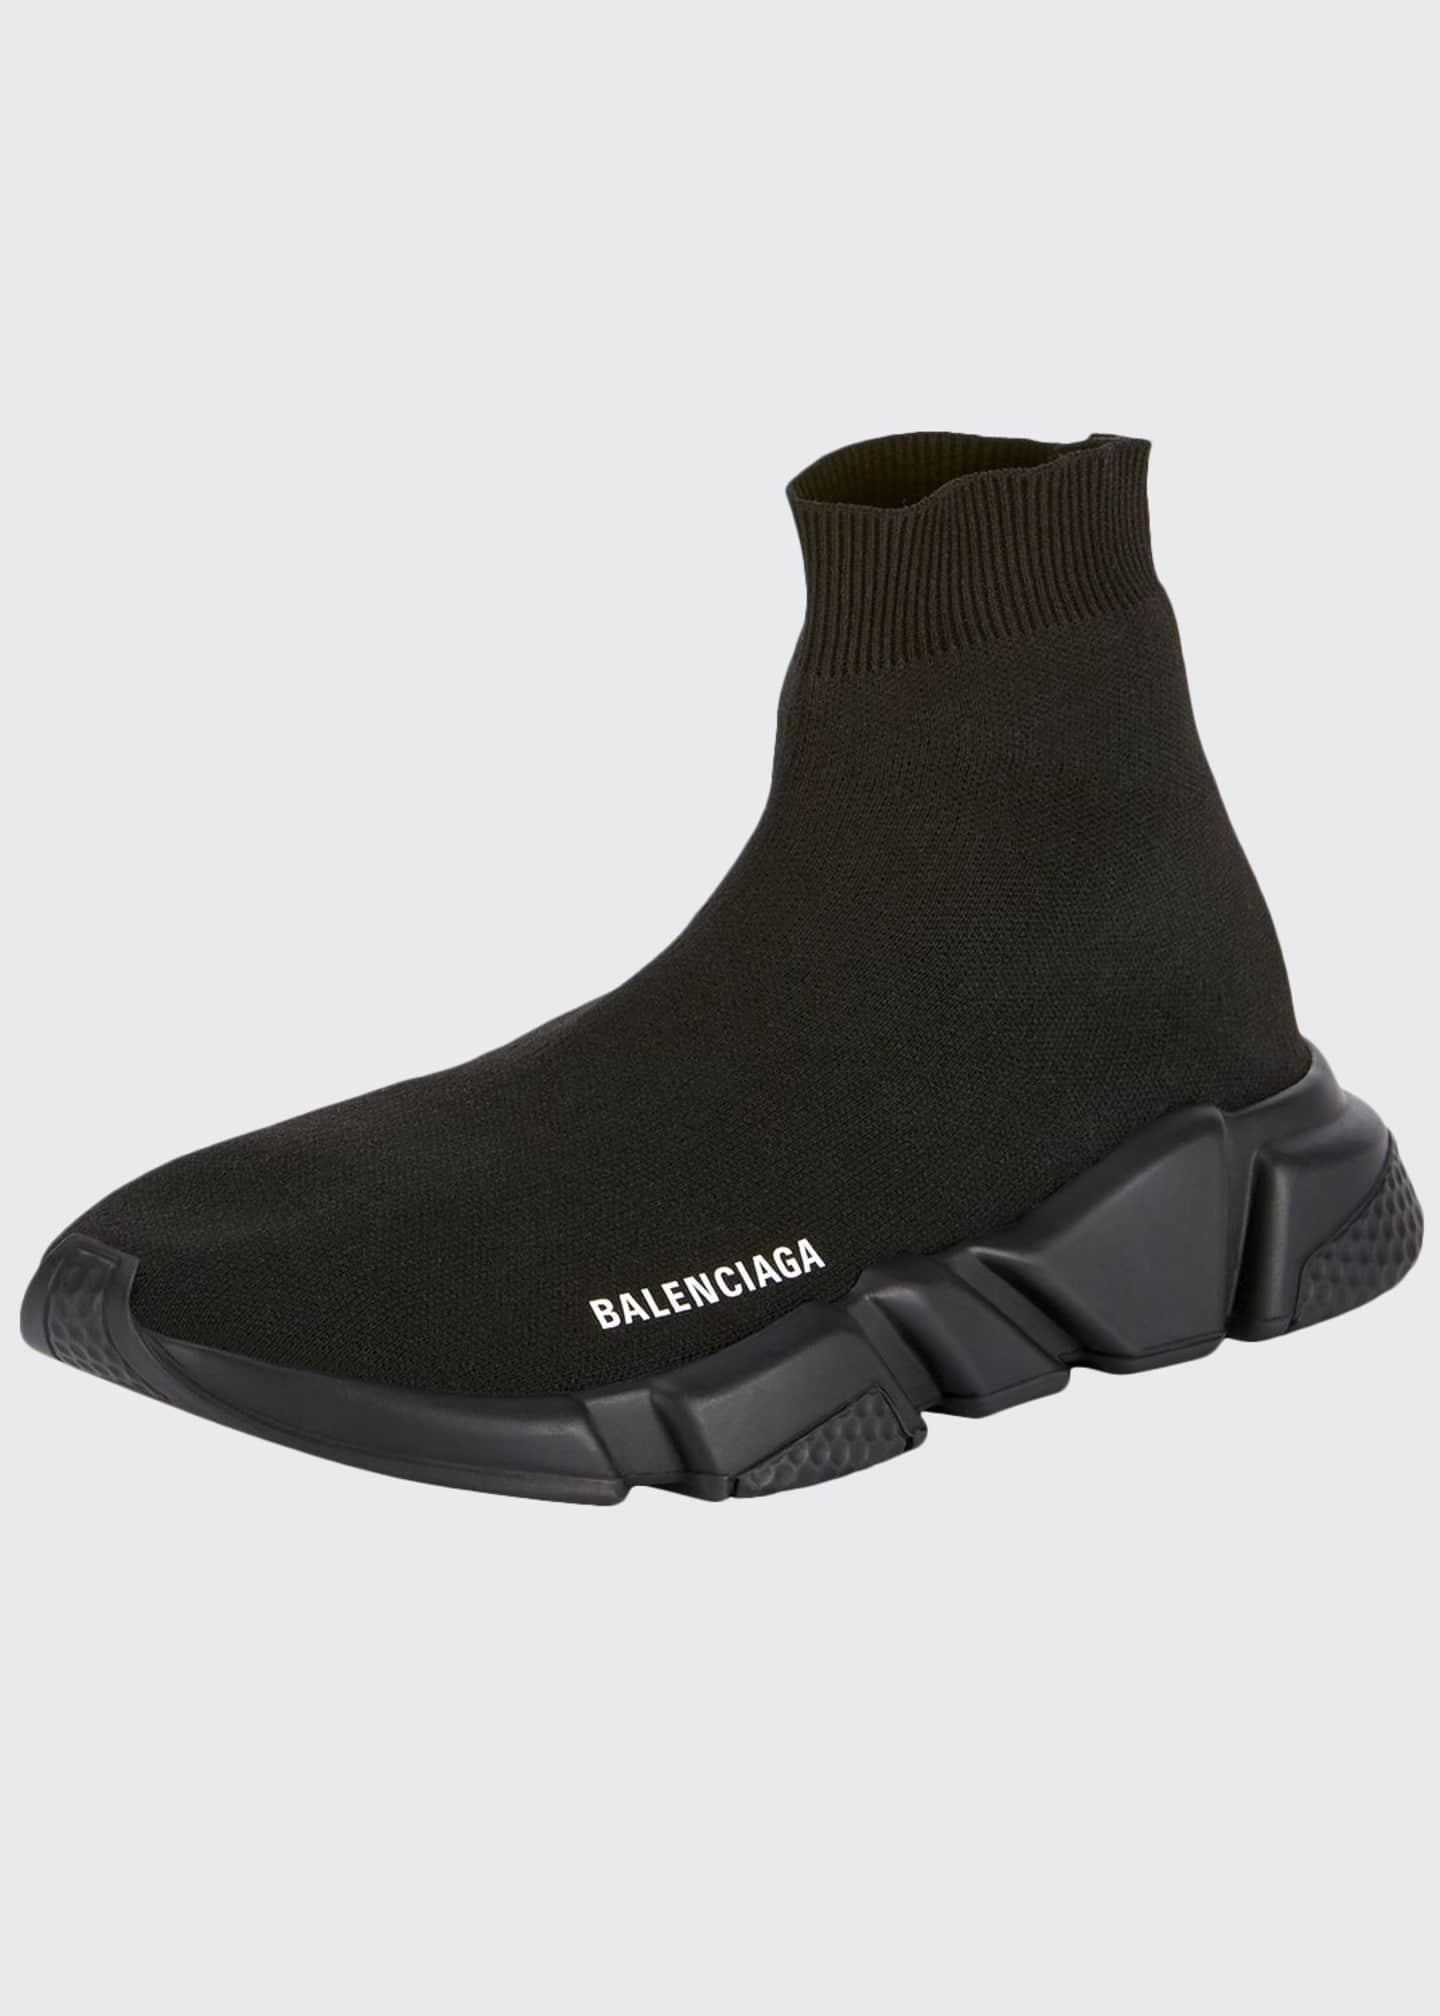 Balenciaga Men's Logo Speed Sneakers with Tonal Rubber